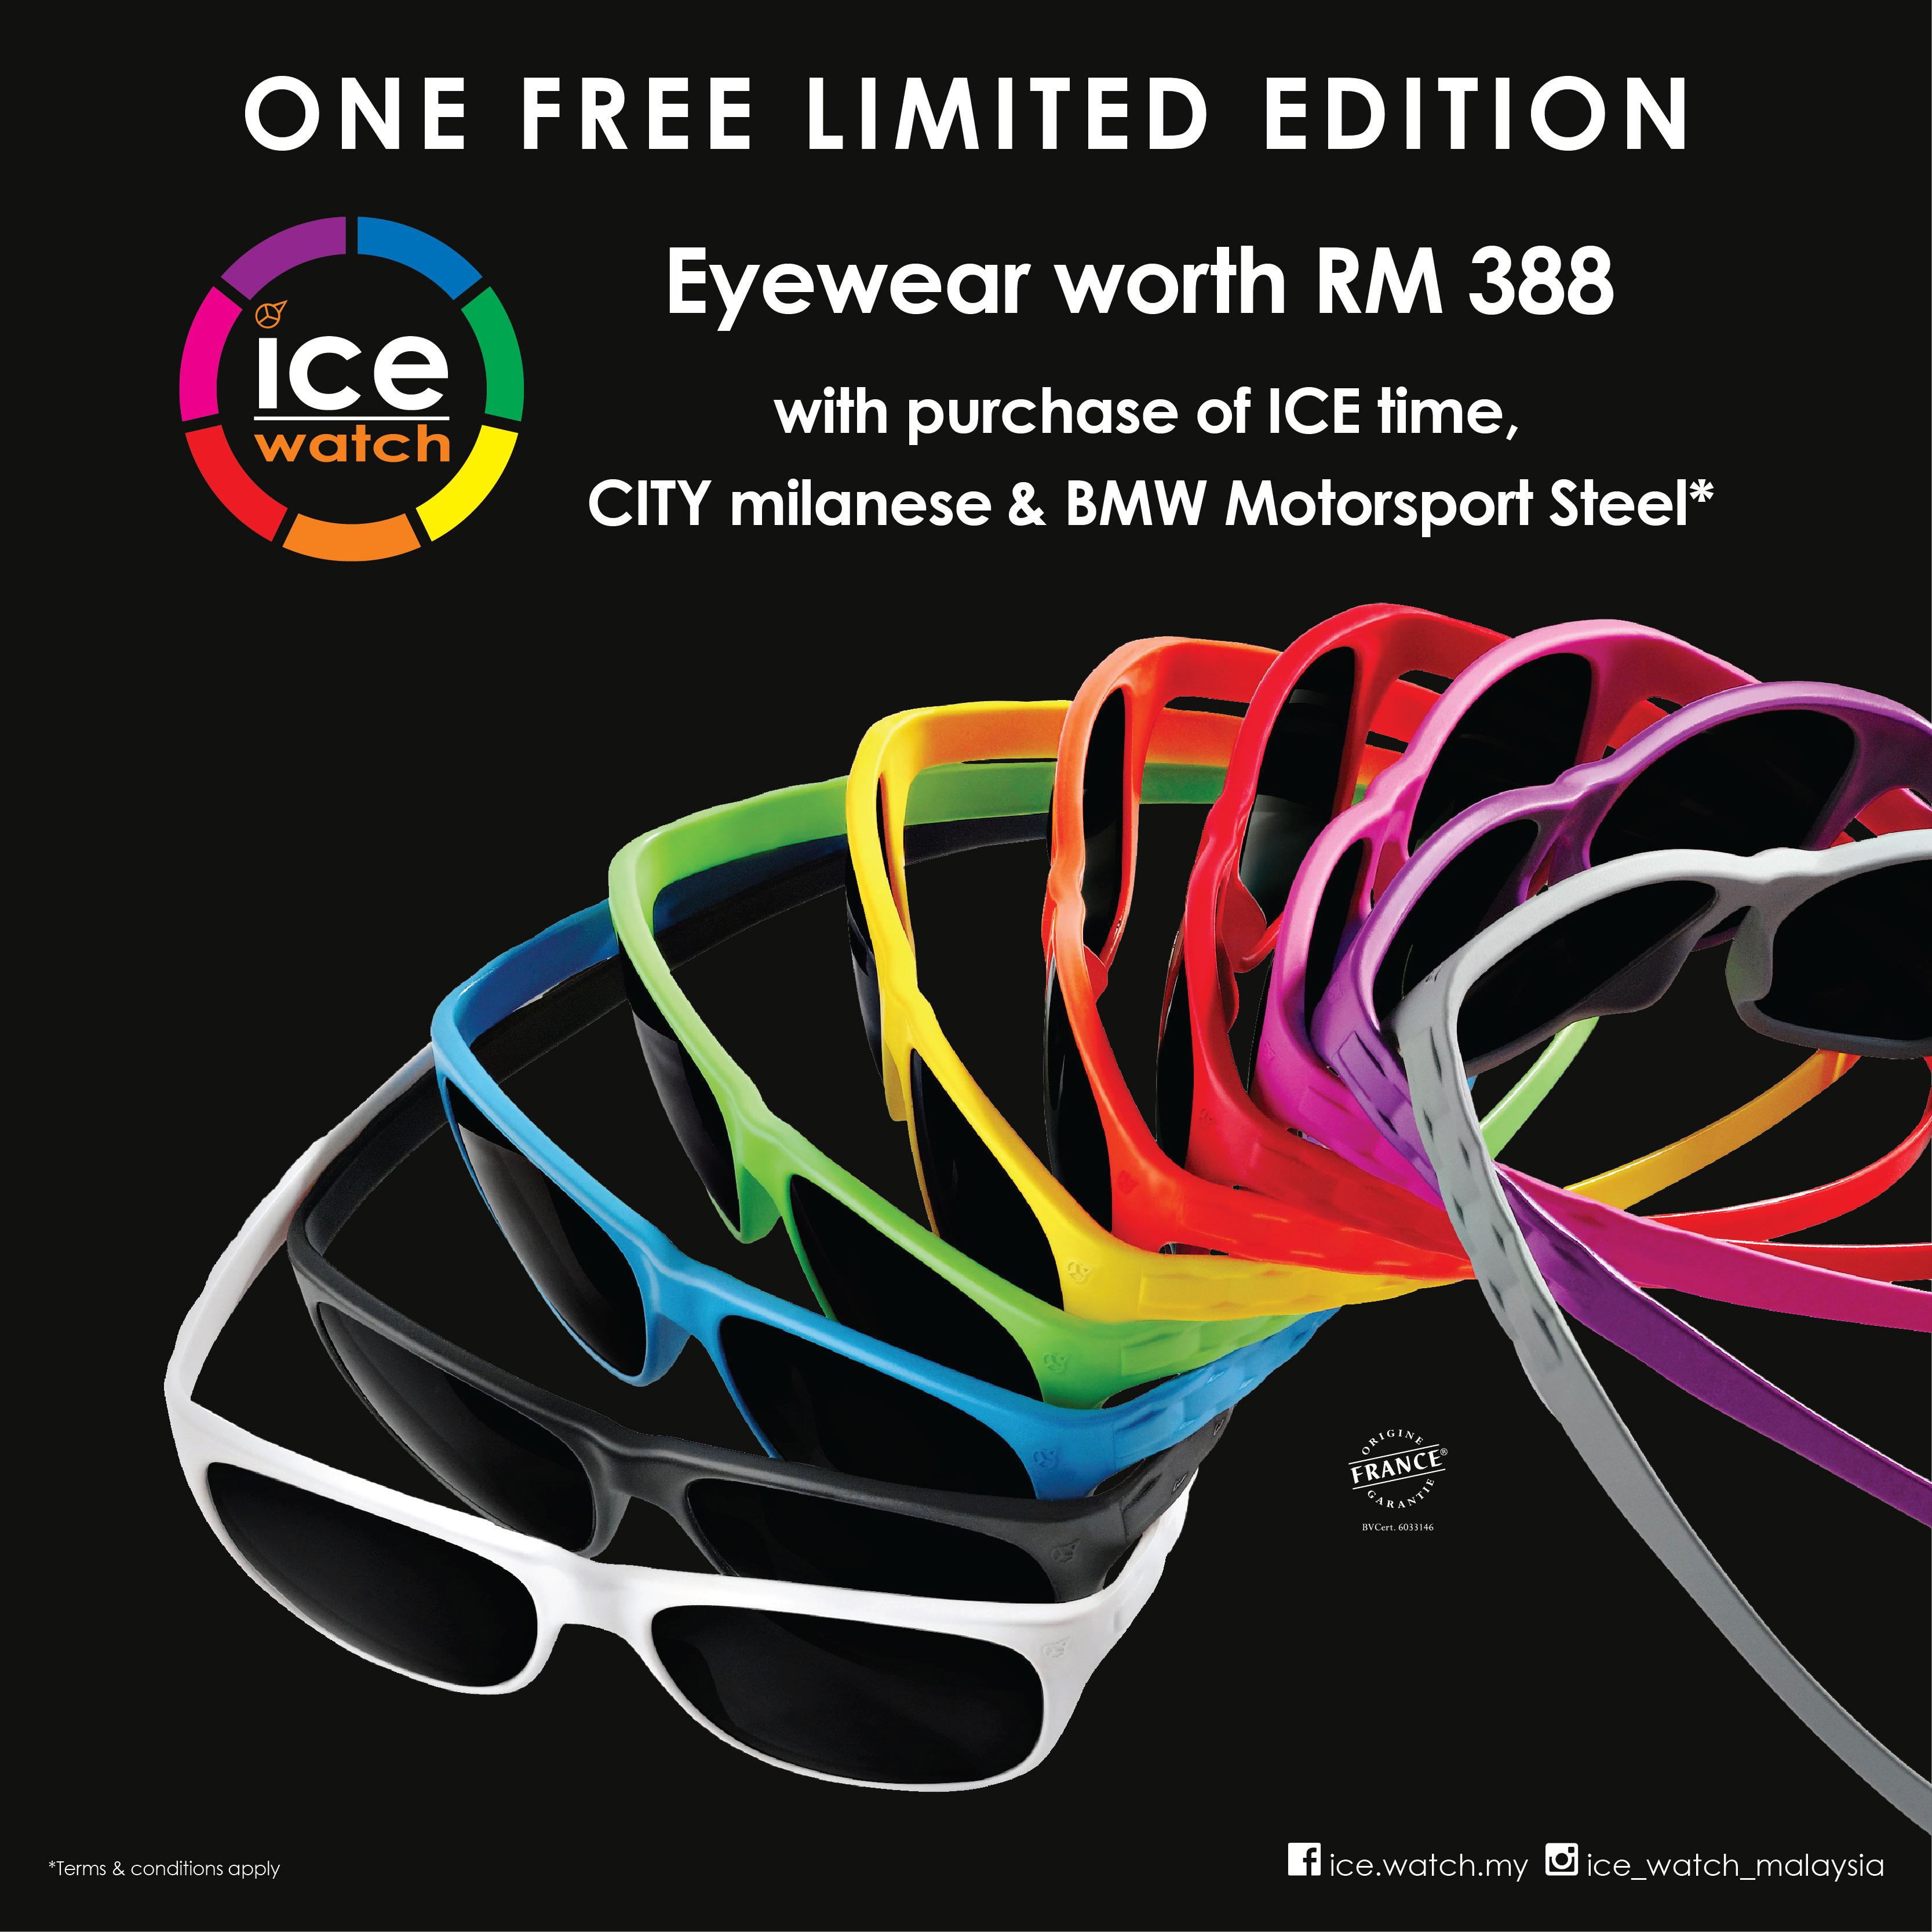 Limited Edition Ice-Watch Eyewear